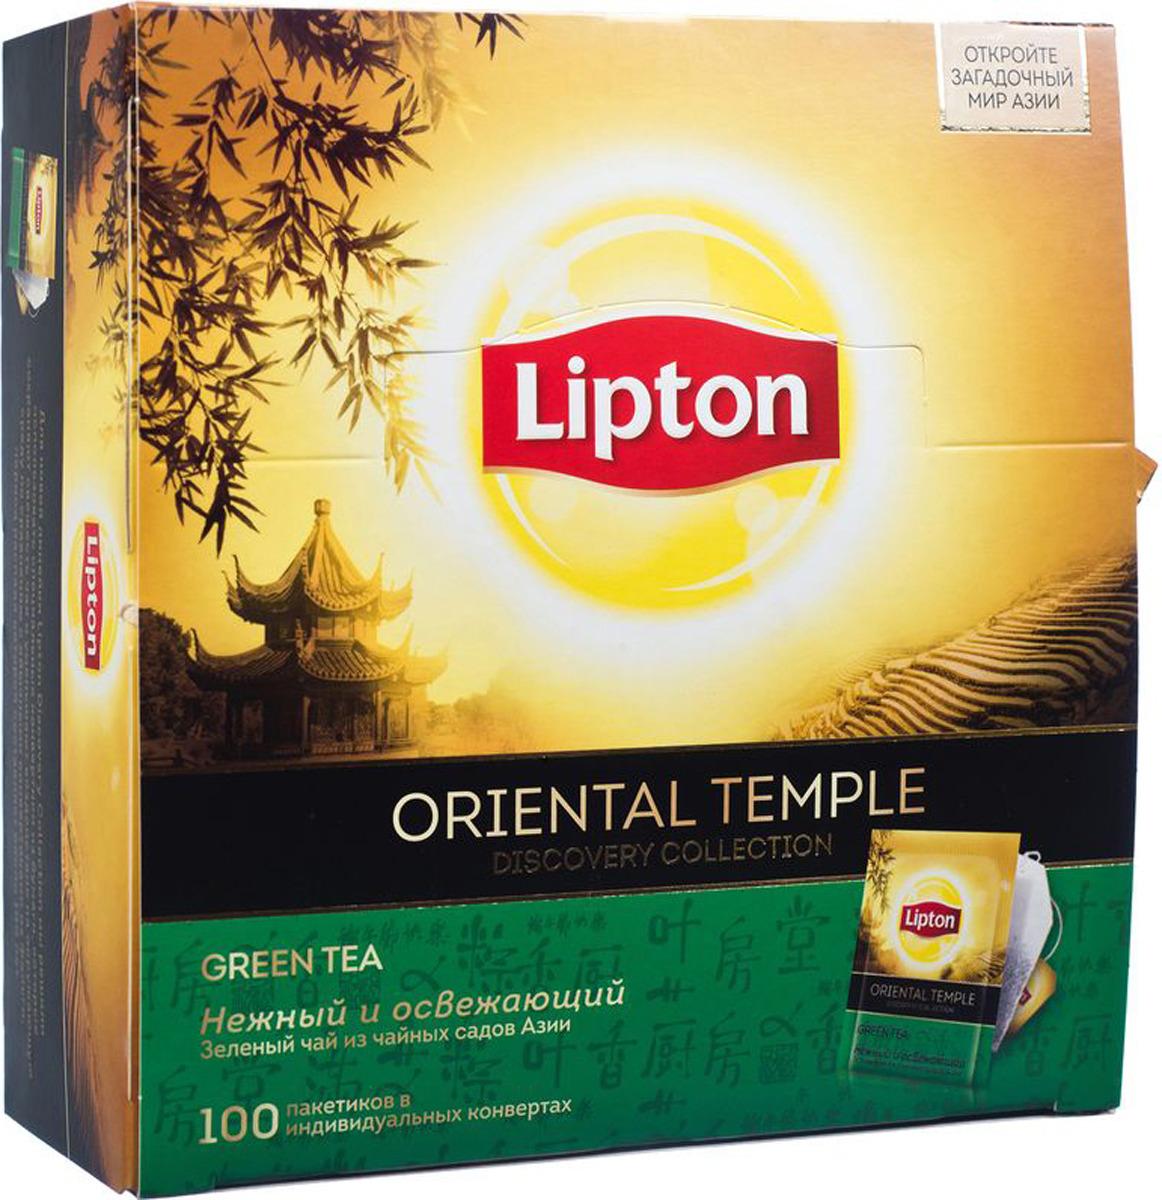 Lipton Зеленый чай Oriental Temple 100 шт чай lipton oriental temple зеленый байховый